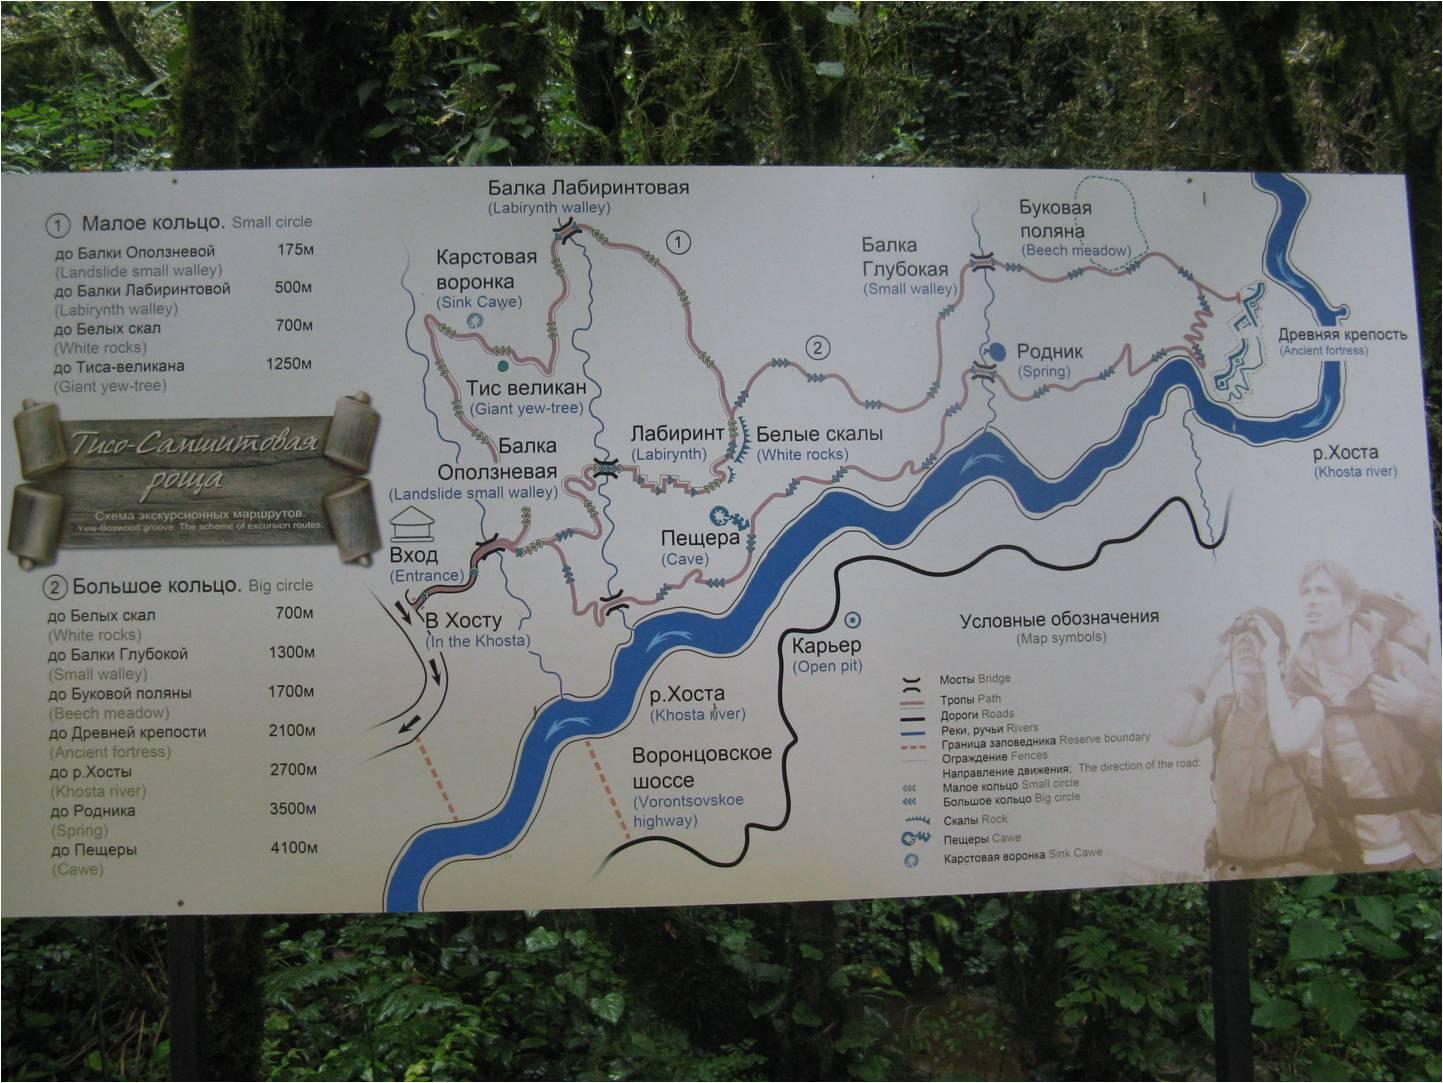 Карта-схема Тисо-Самшитовой рощи